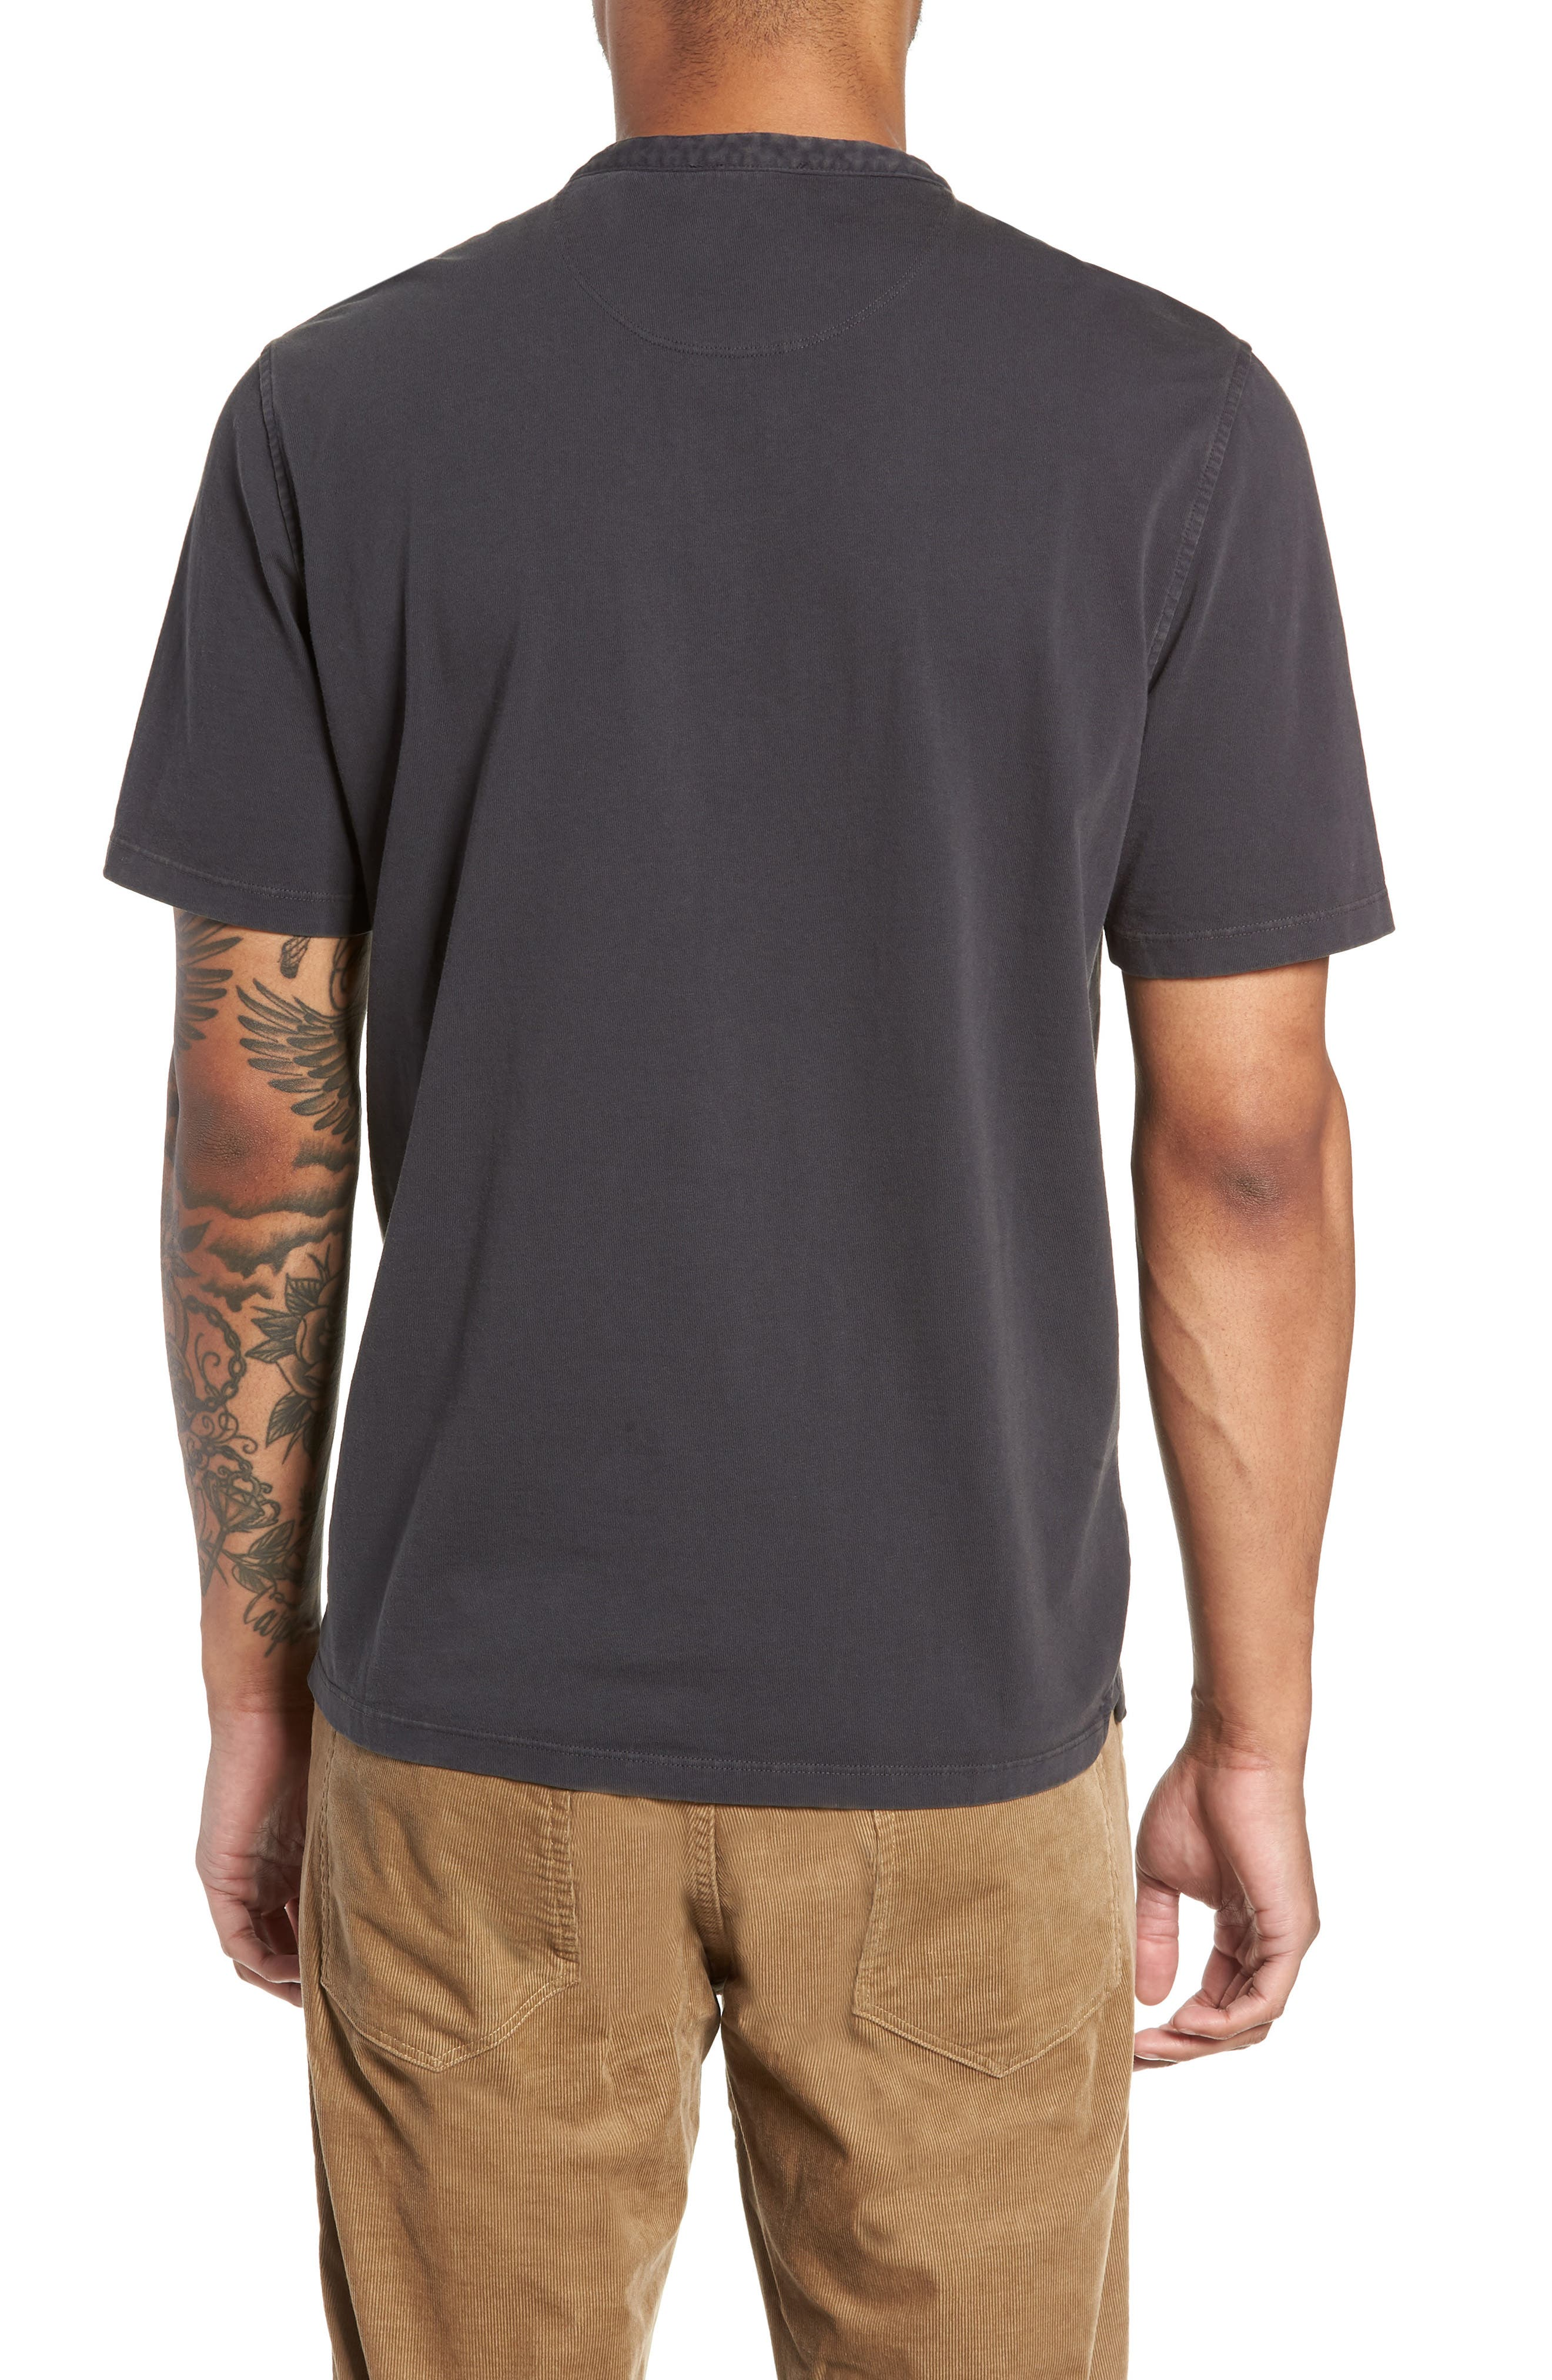 VINCE,                             Regular Fit Garment Dye Short Sleeve Henley,                             Alternate thumbnail 2, color,                             001